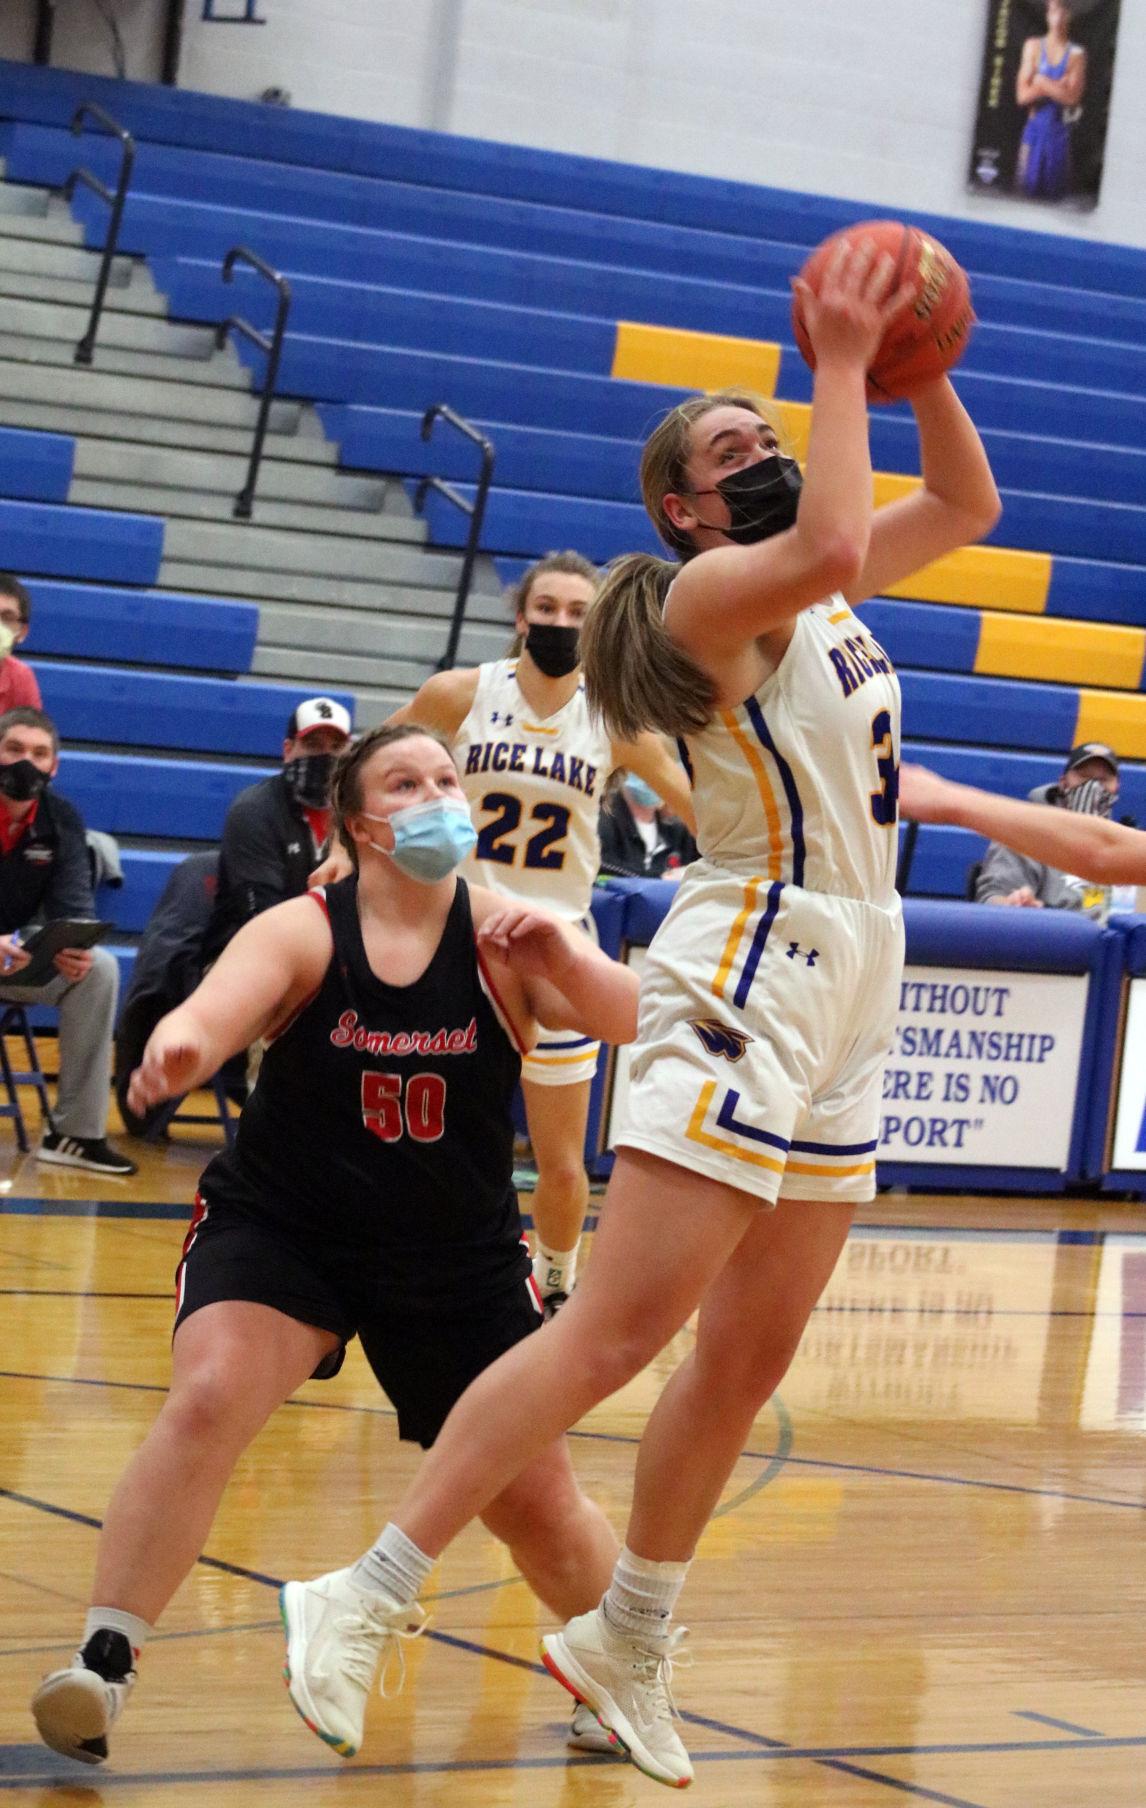 Rice Lake girls basketball vs. Somerset 2-18-21